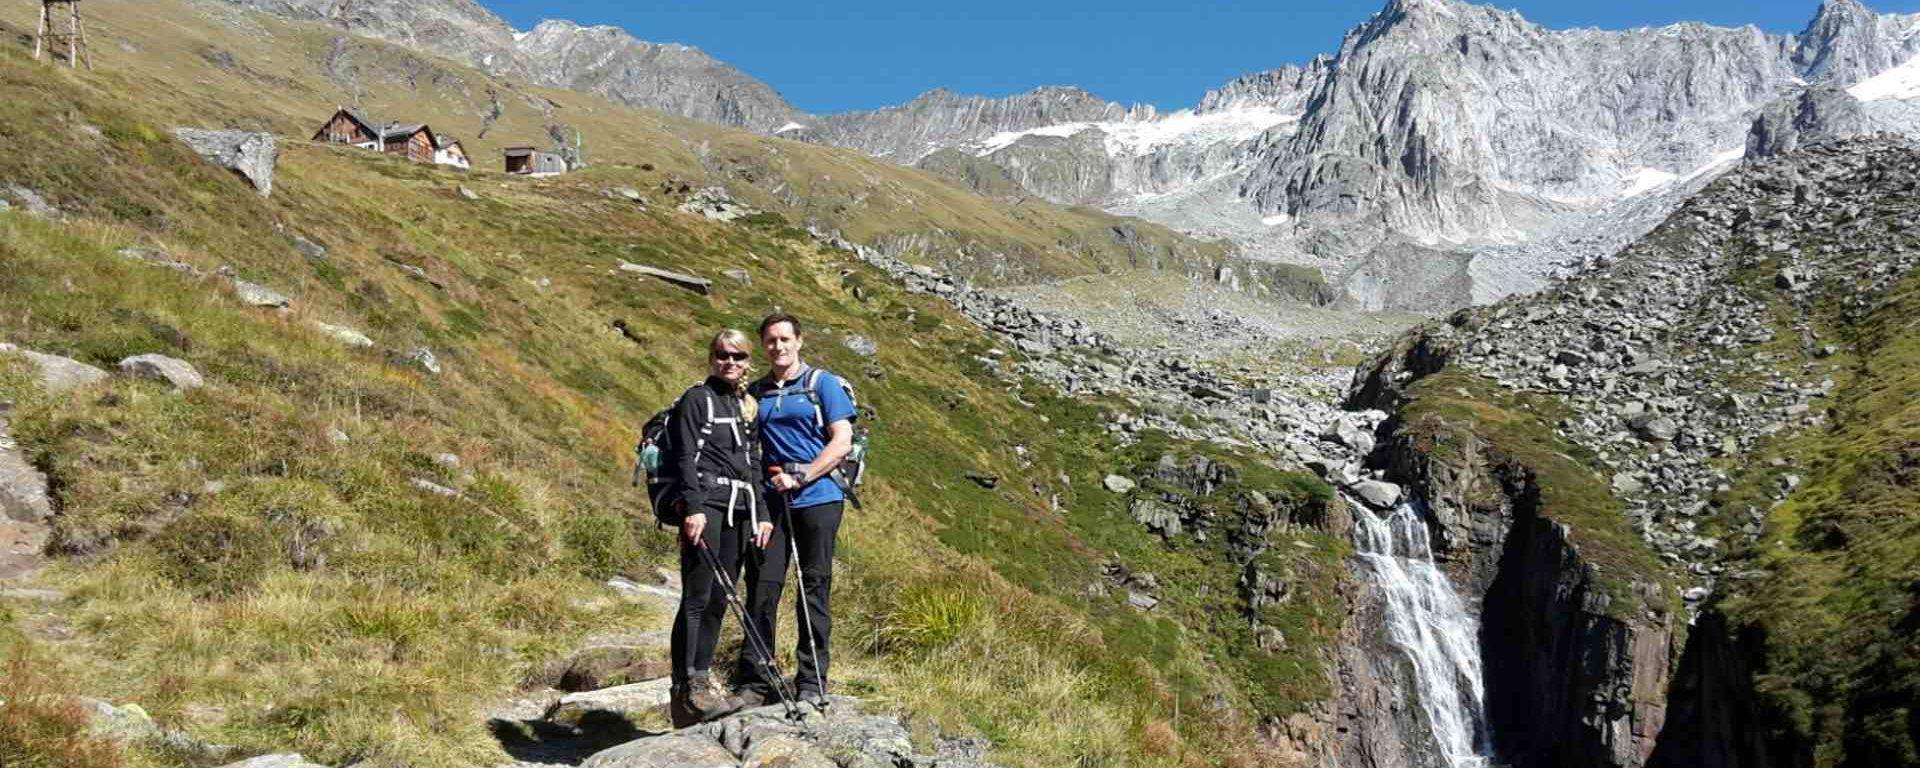 Tina & Thomas von tourtricks im Zillertal